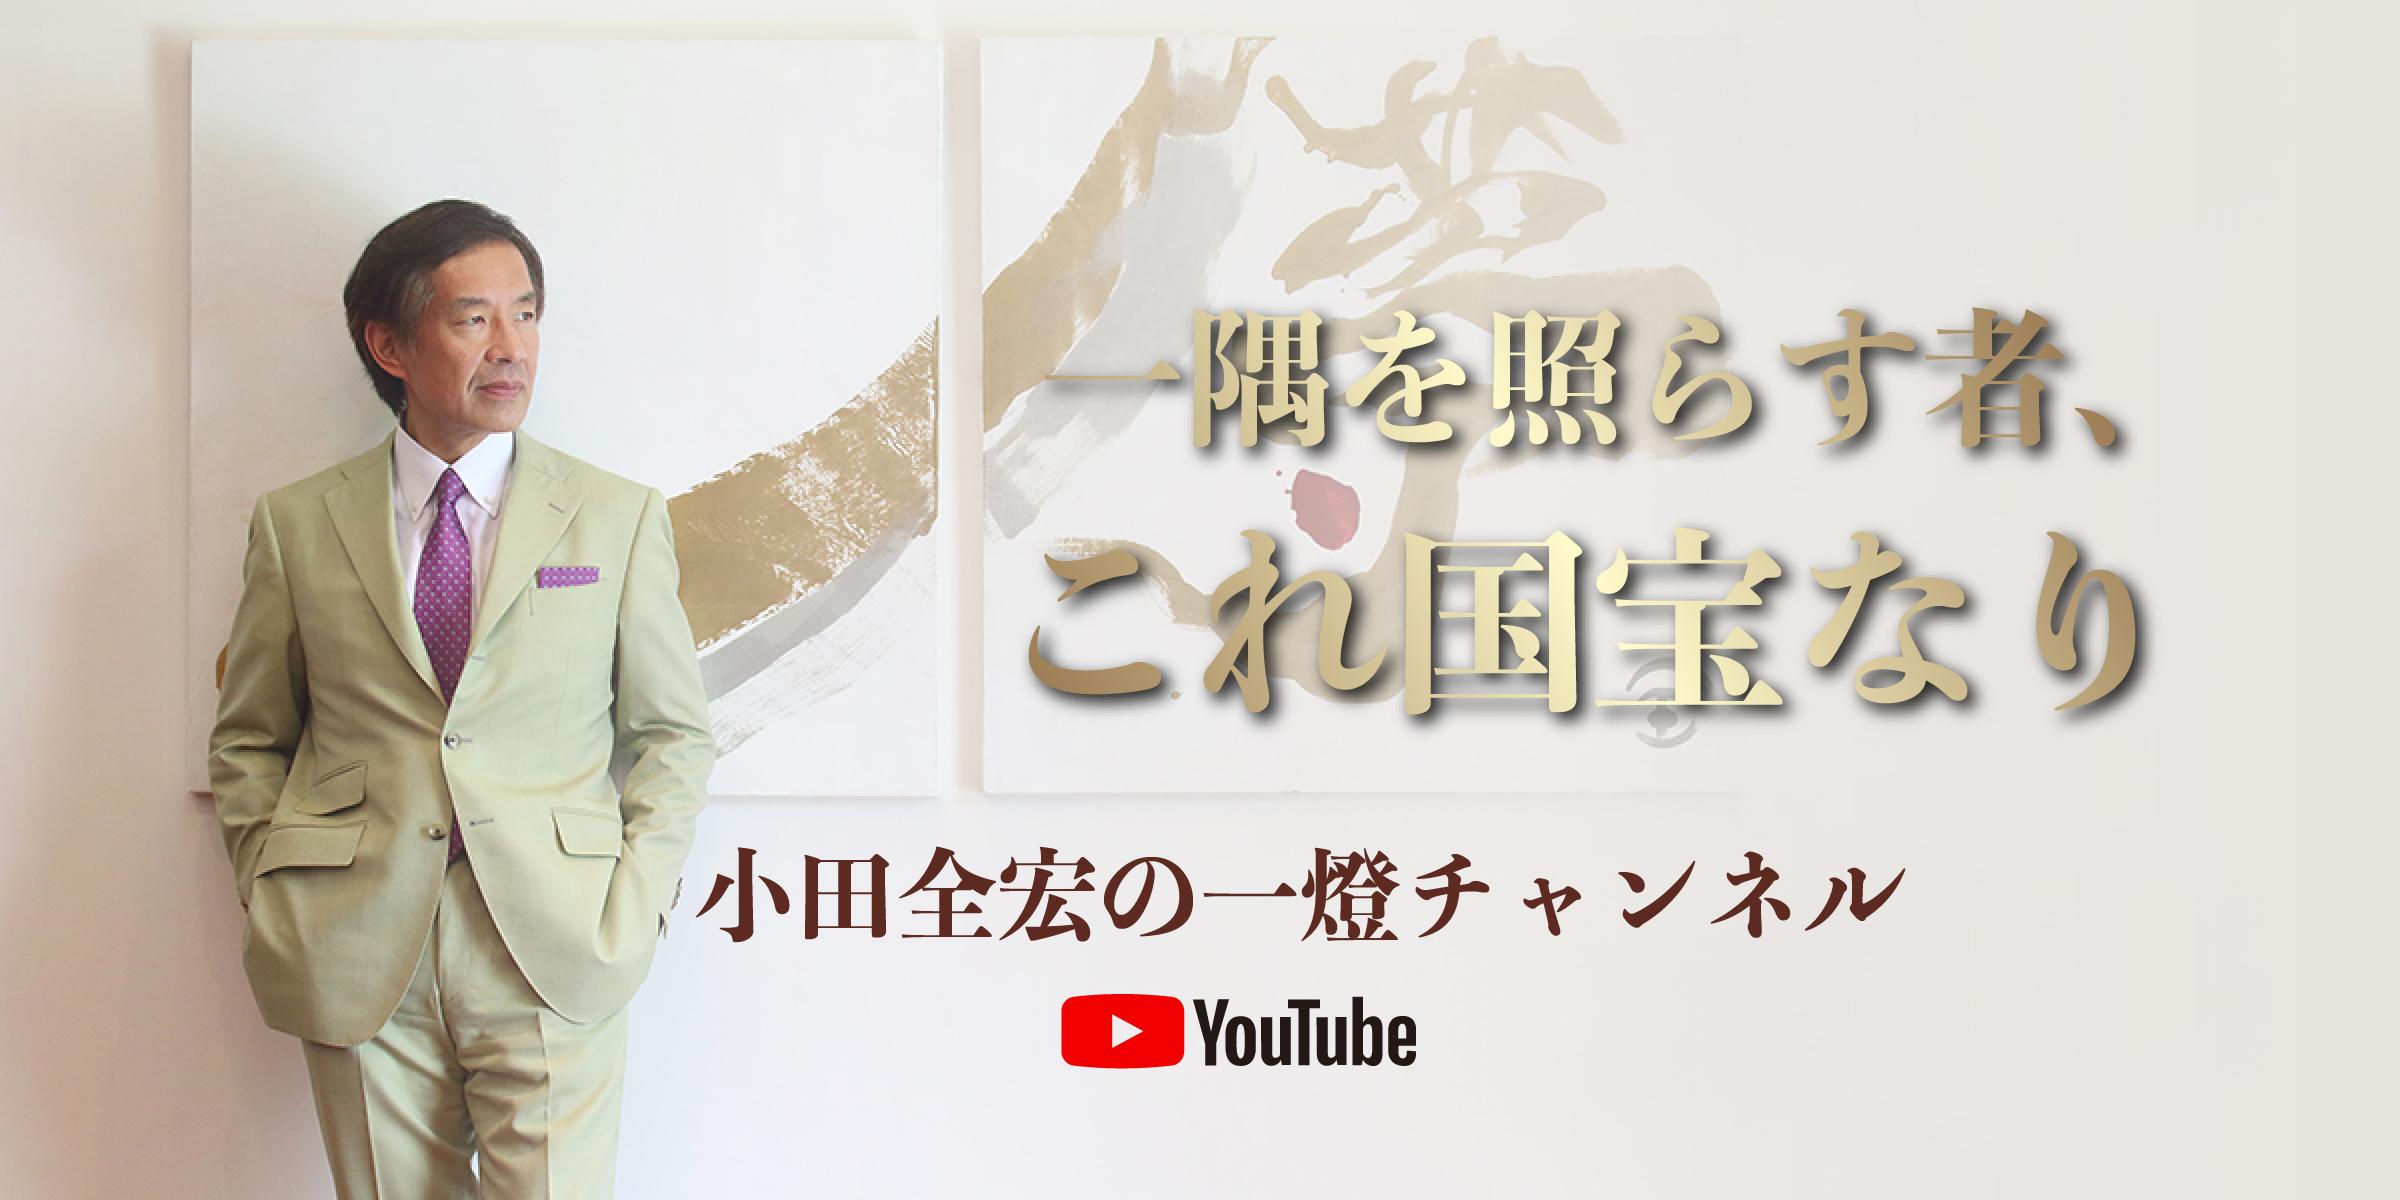 小田全宏の一燈チャンネル